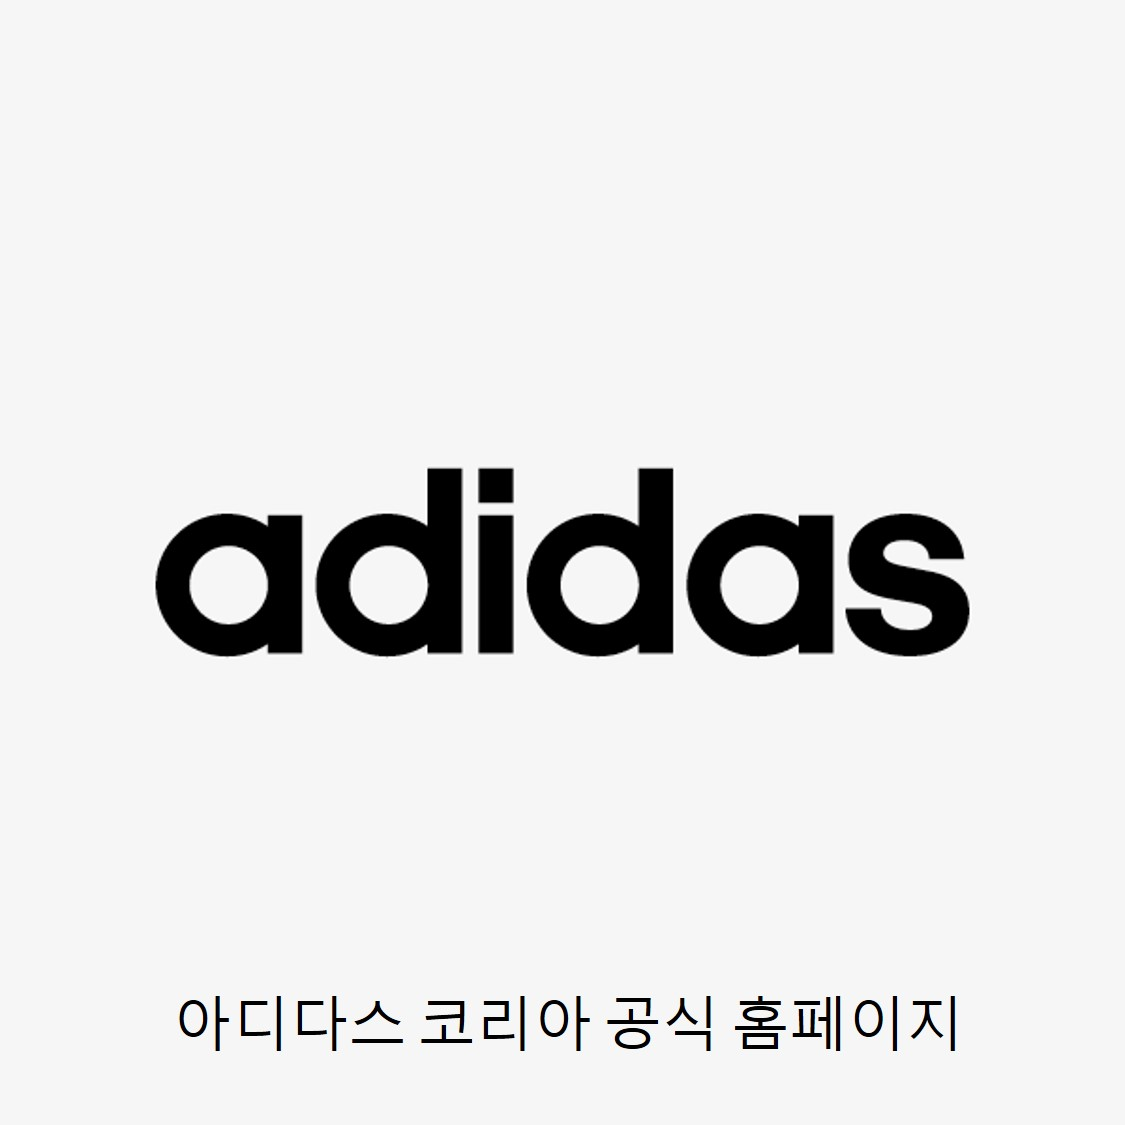 adidas korea official website